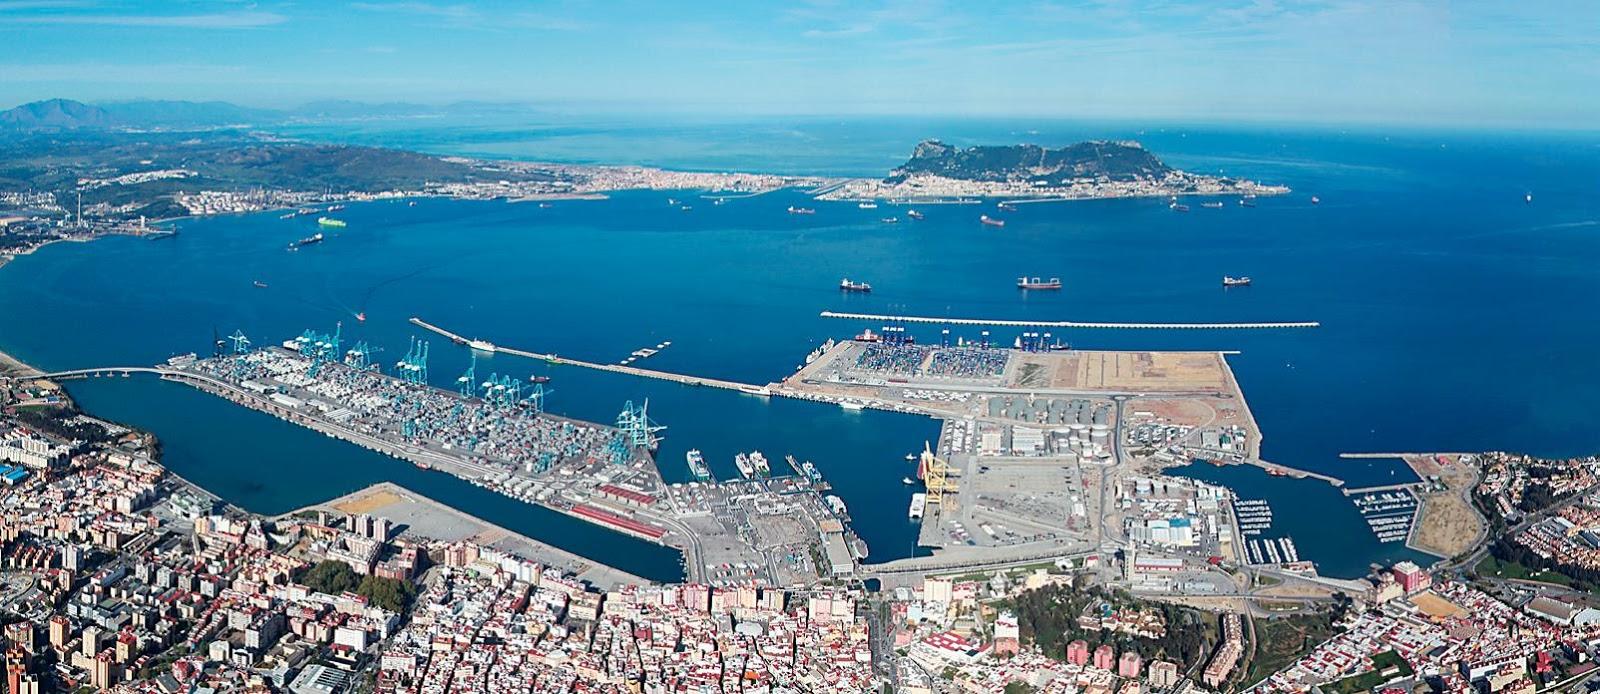 Puerto de algeciras page 3 skyscrapercity - Puerto de algeciras hoy ...